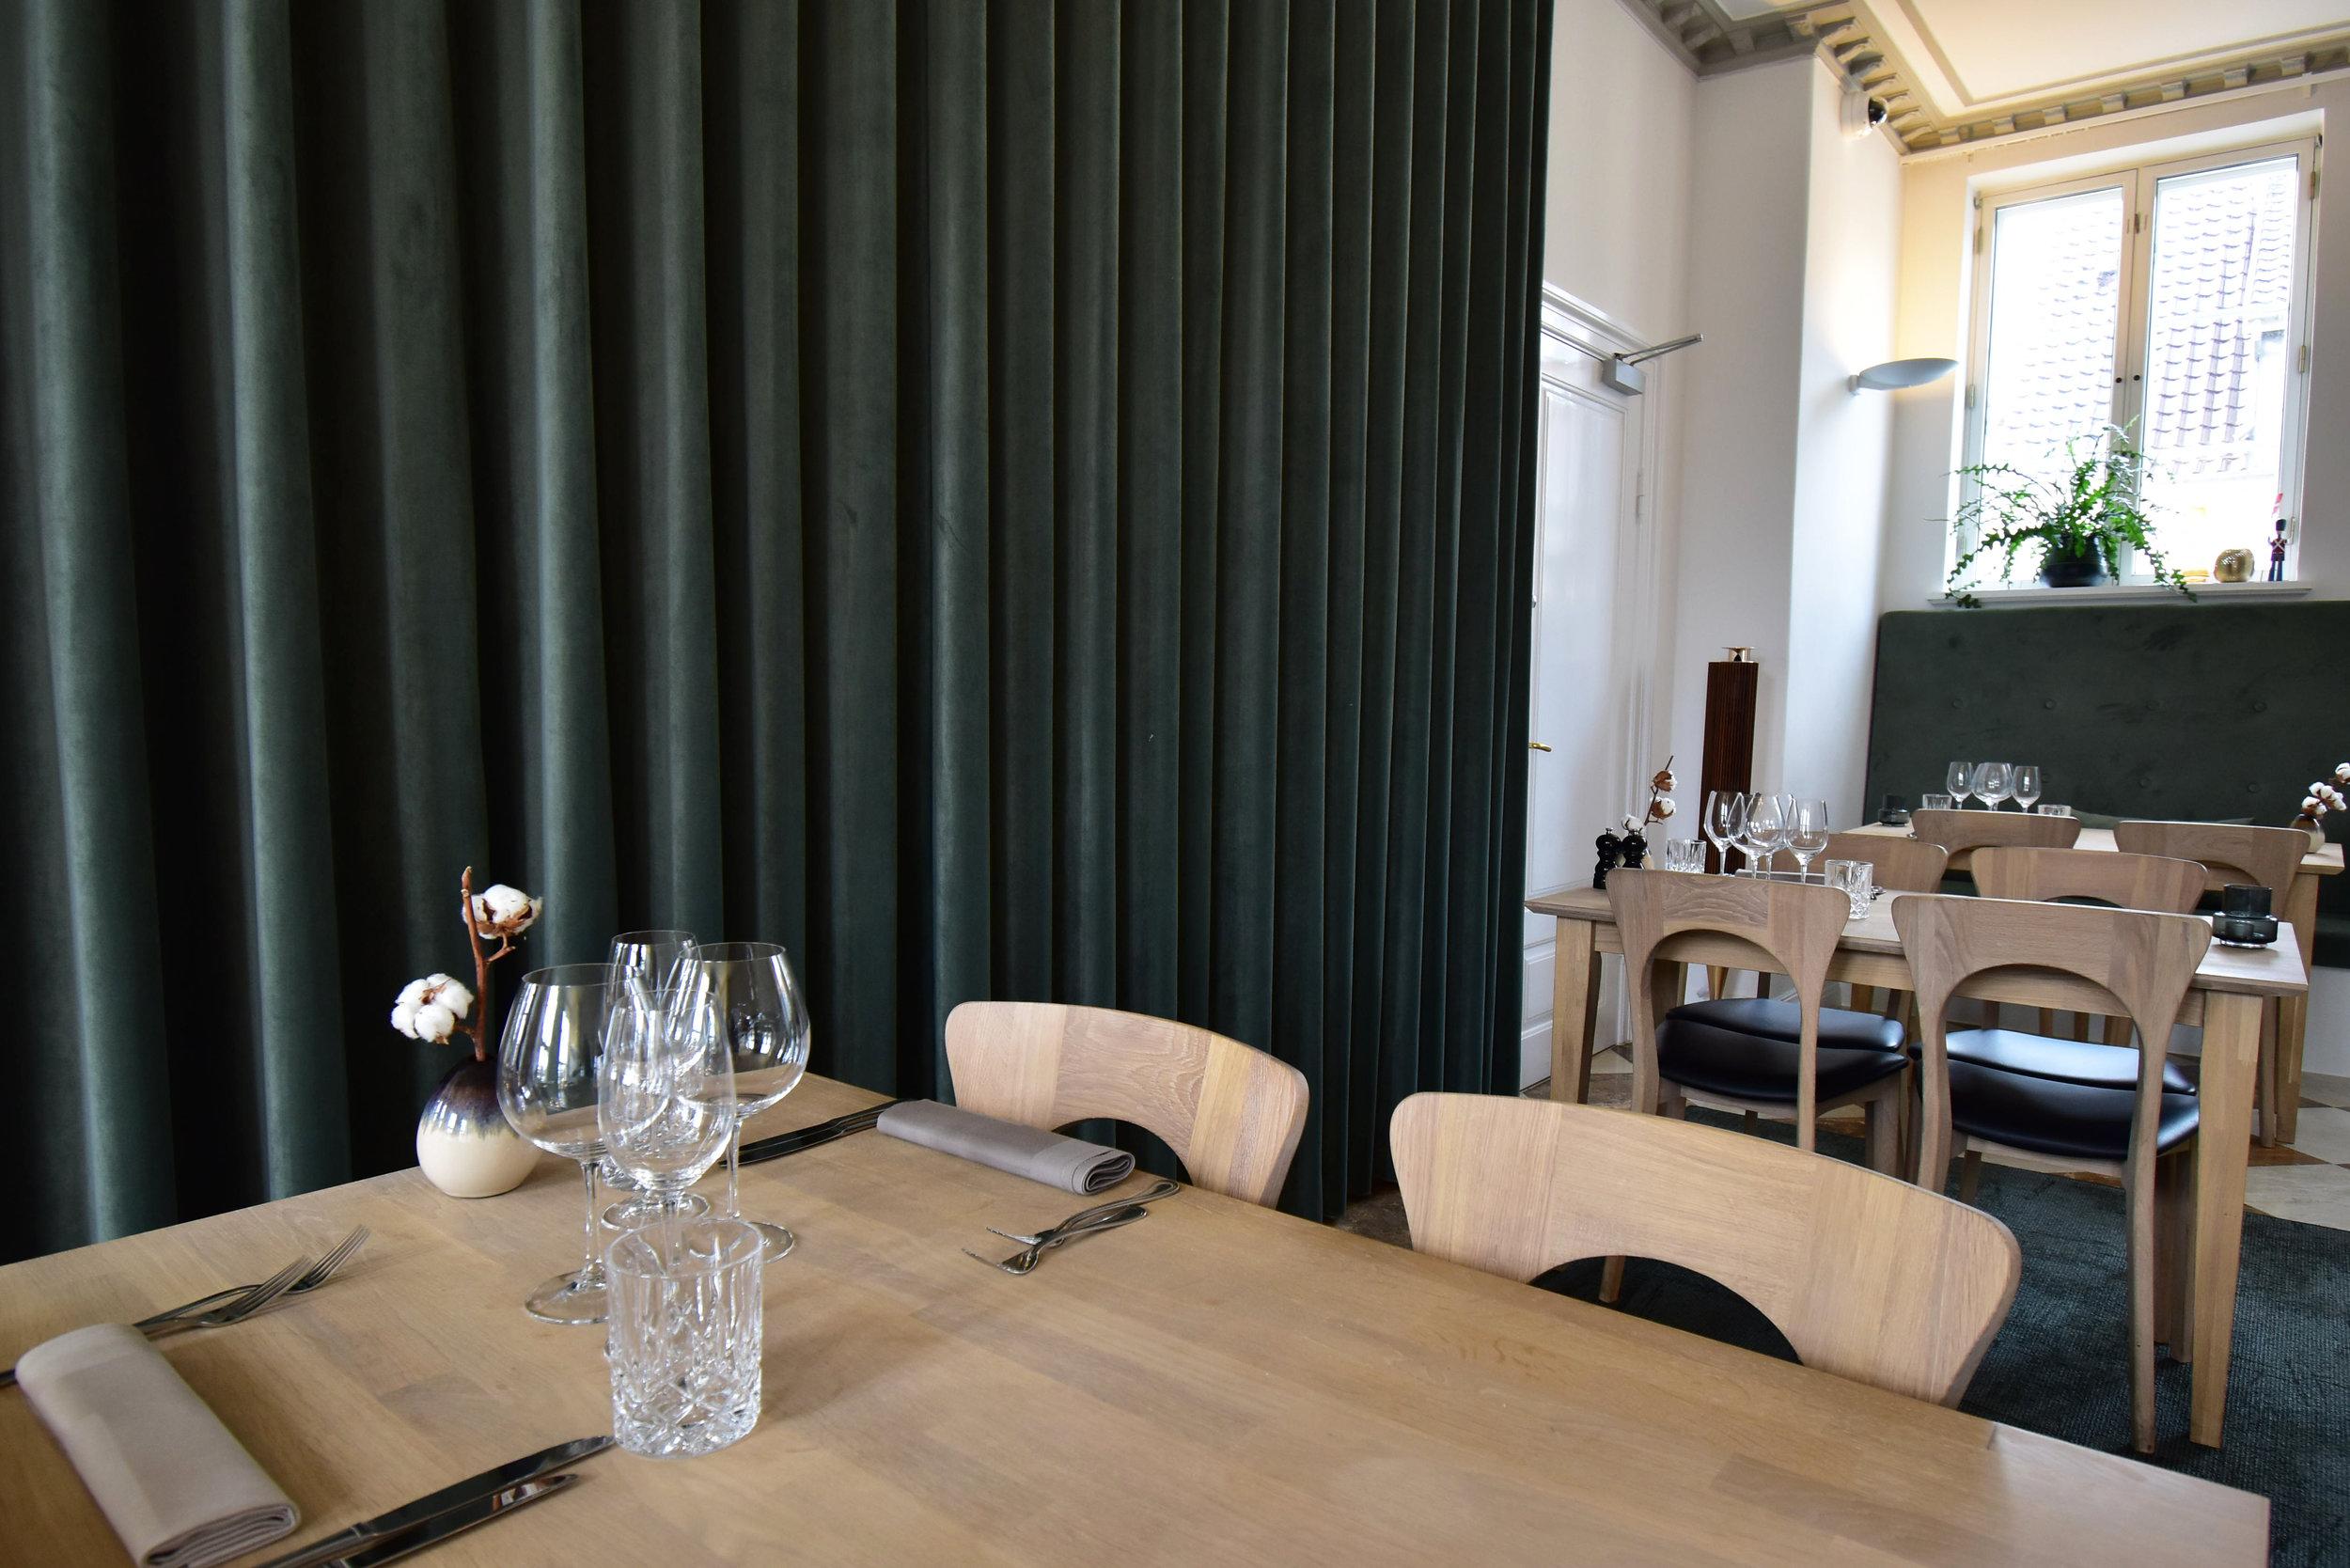 Restaurant Hjejlen_08.jpg